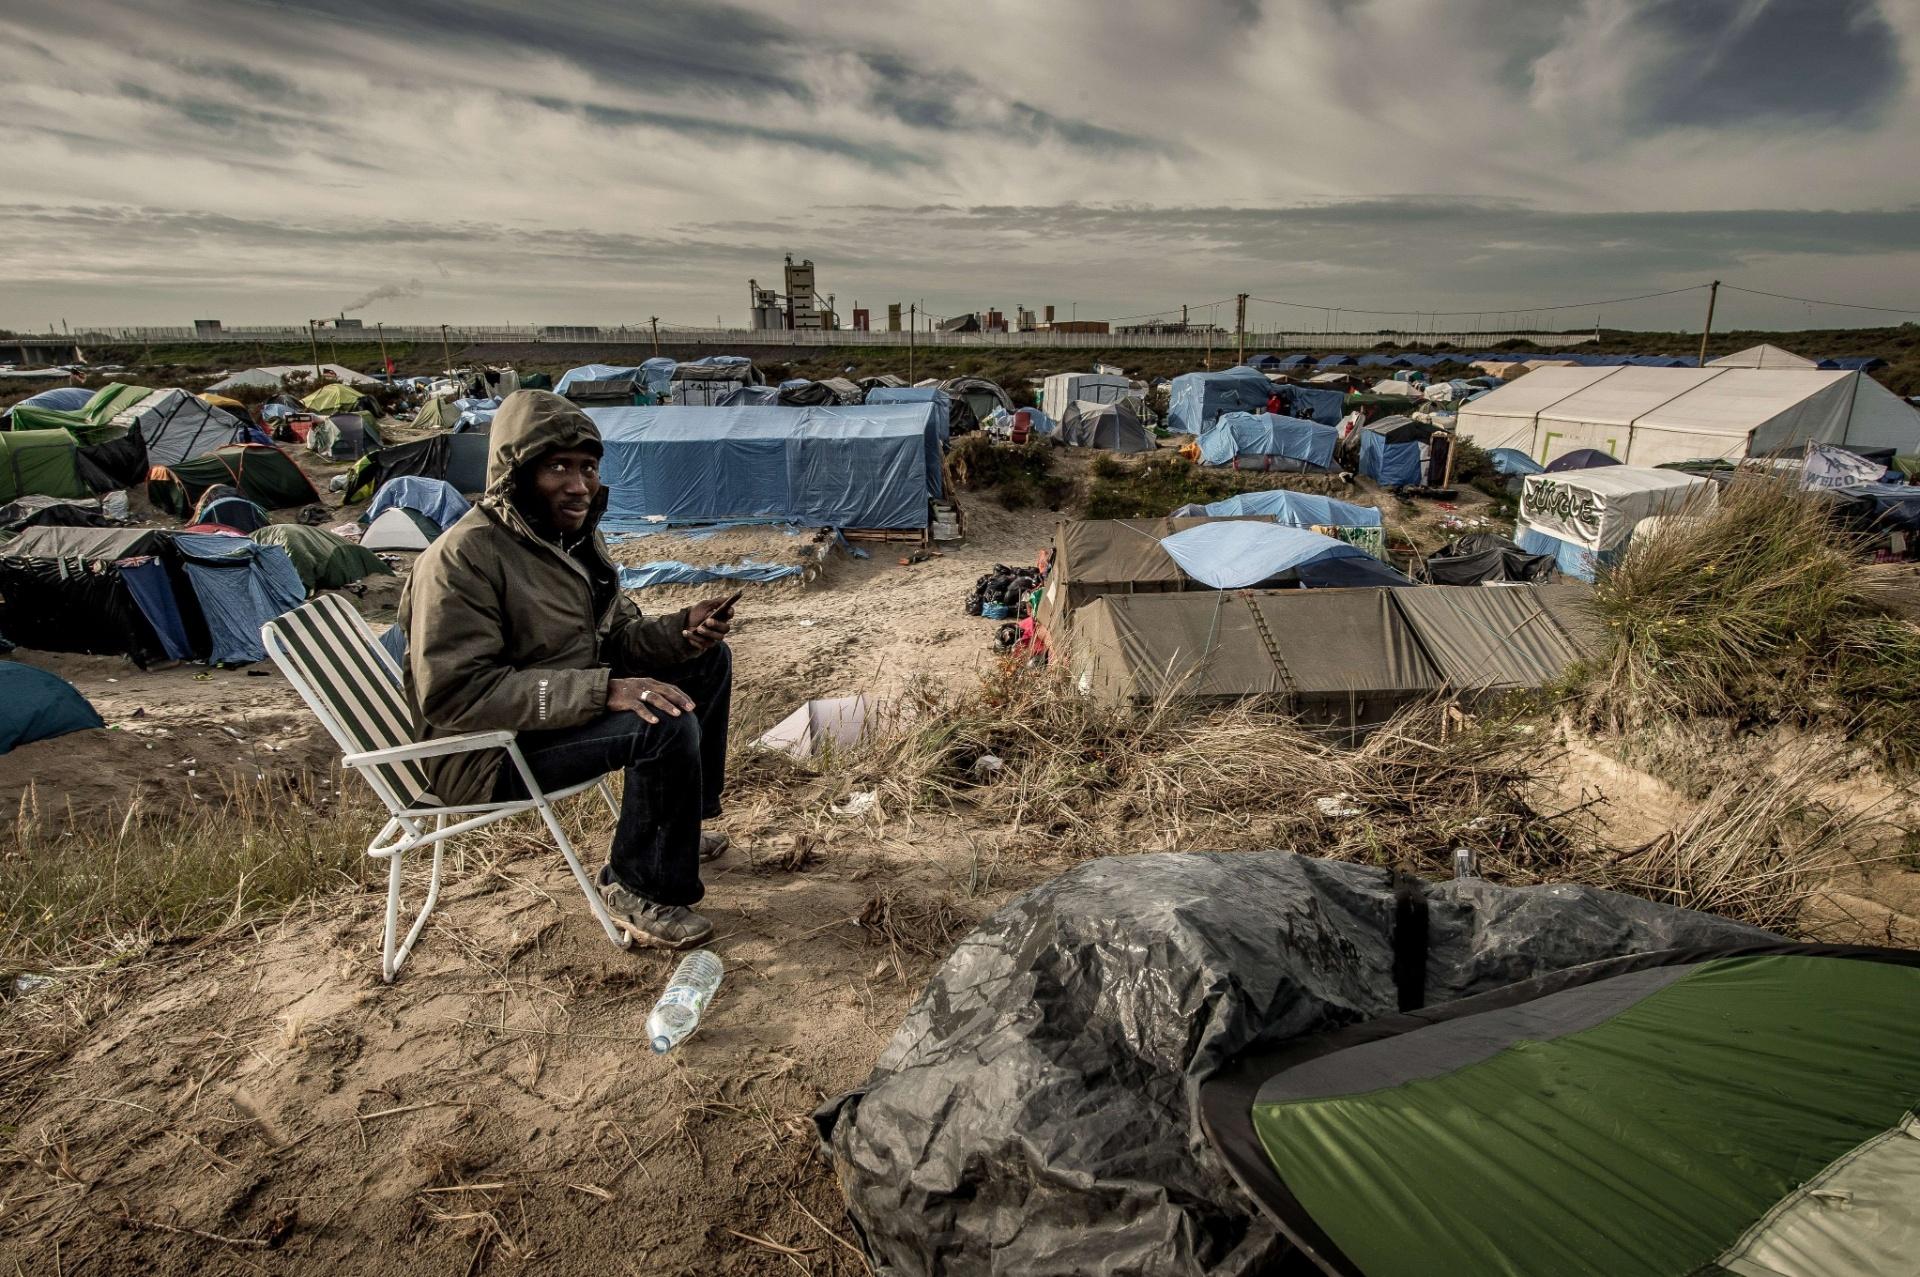 6.nov.2015 - Homem usa um celular para ligar para sua família no Sudão. Ele vive no acampamento criado para imigrantes africanos em Calais, na França. Um tribunal francês ordenou que o governo melhore as condições no local, após ONGs denunciarem